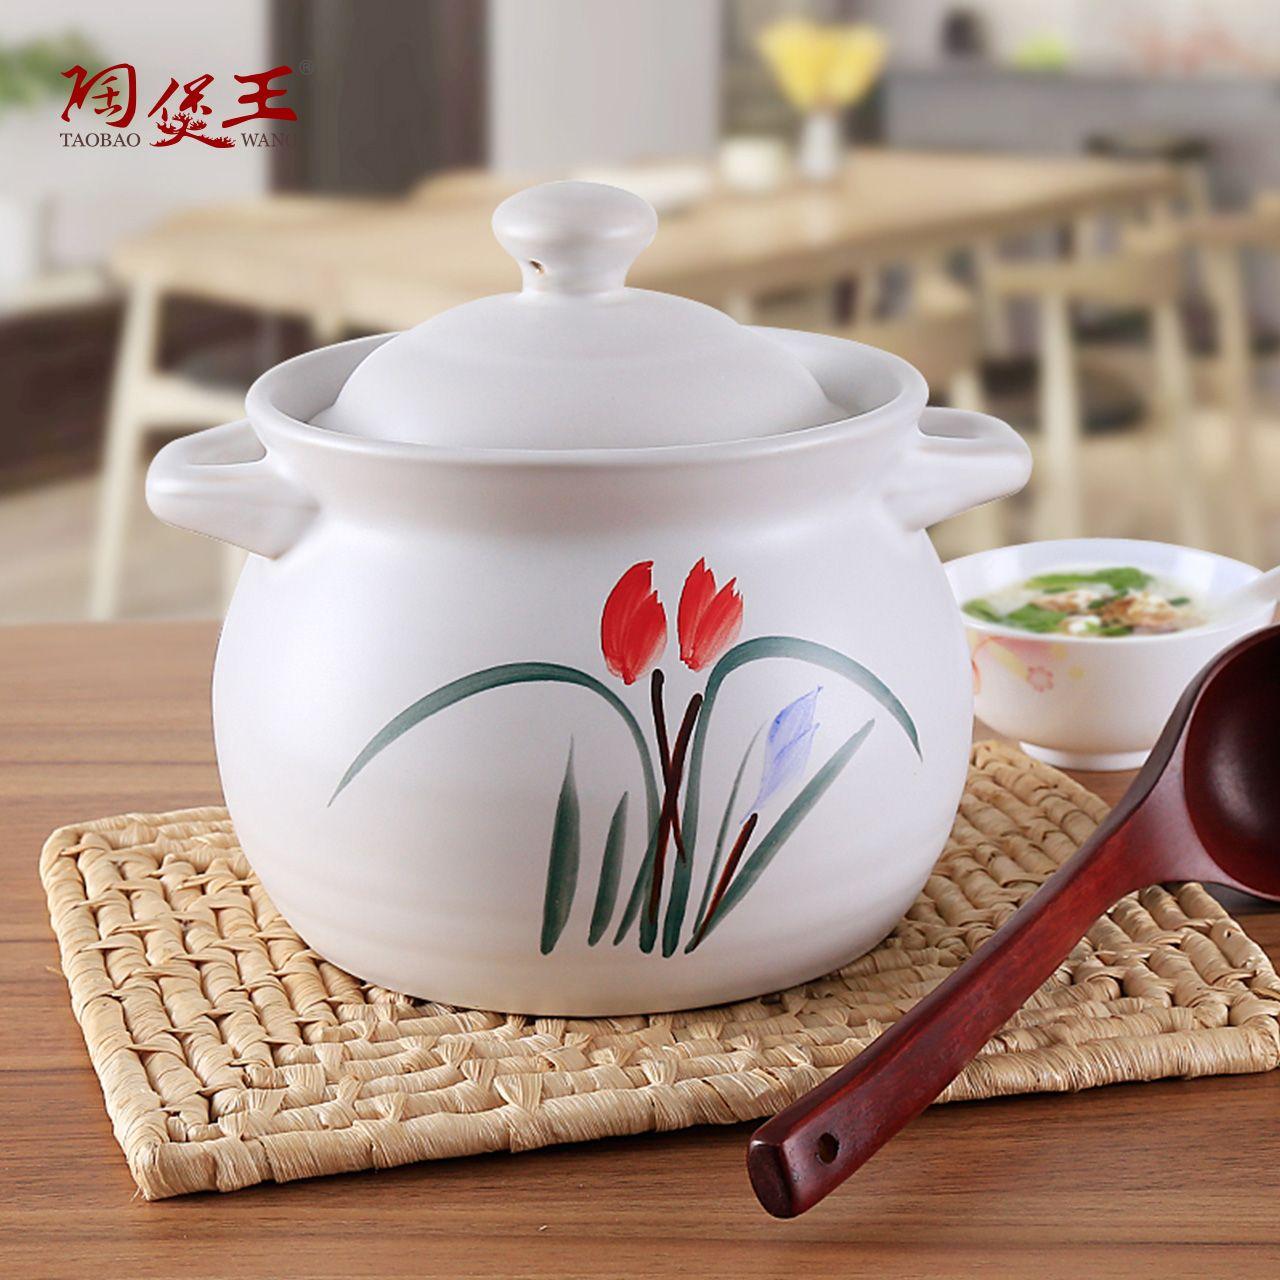 陶煲王砂锅炖锅家用陶瓷煲汤锅2.6L陶煲王TB-1815X兰花煲